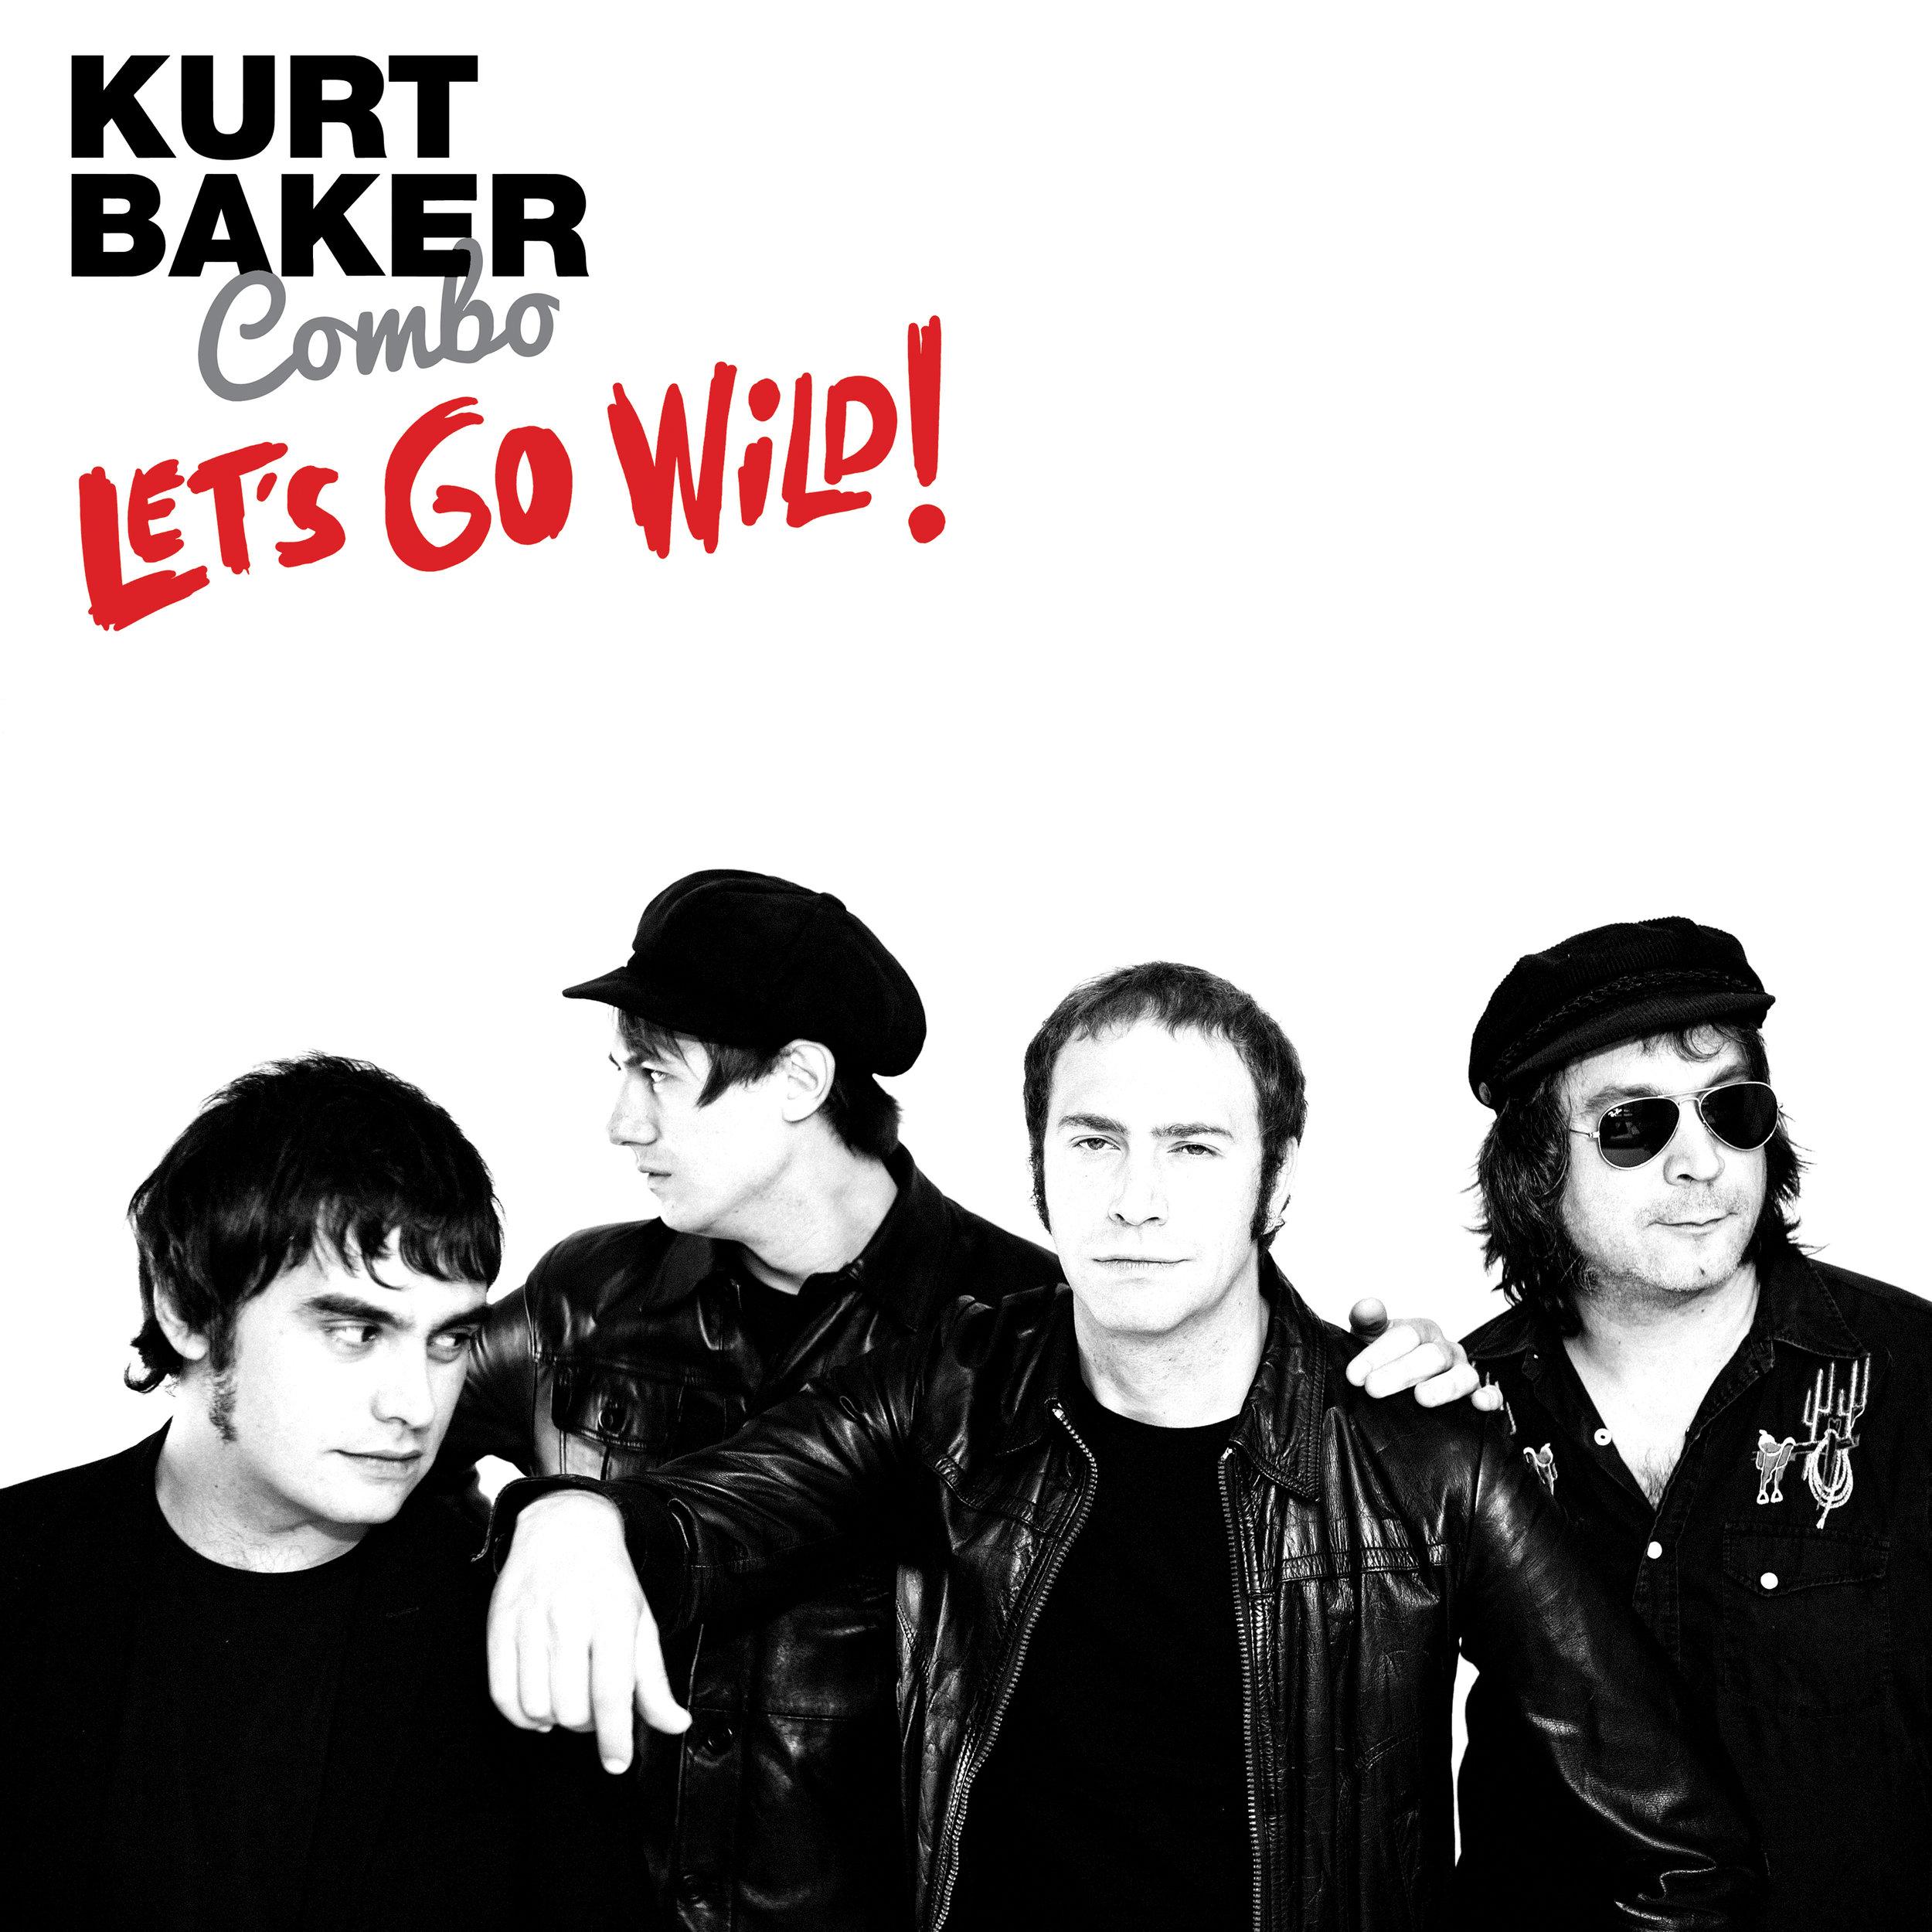 Let's Go Wild! - Listen, Review, Buy It!